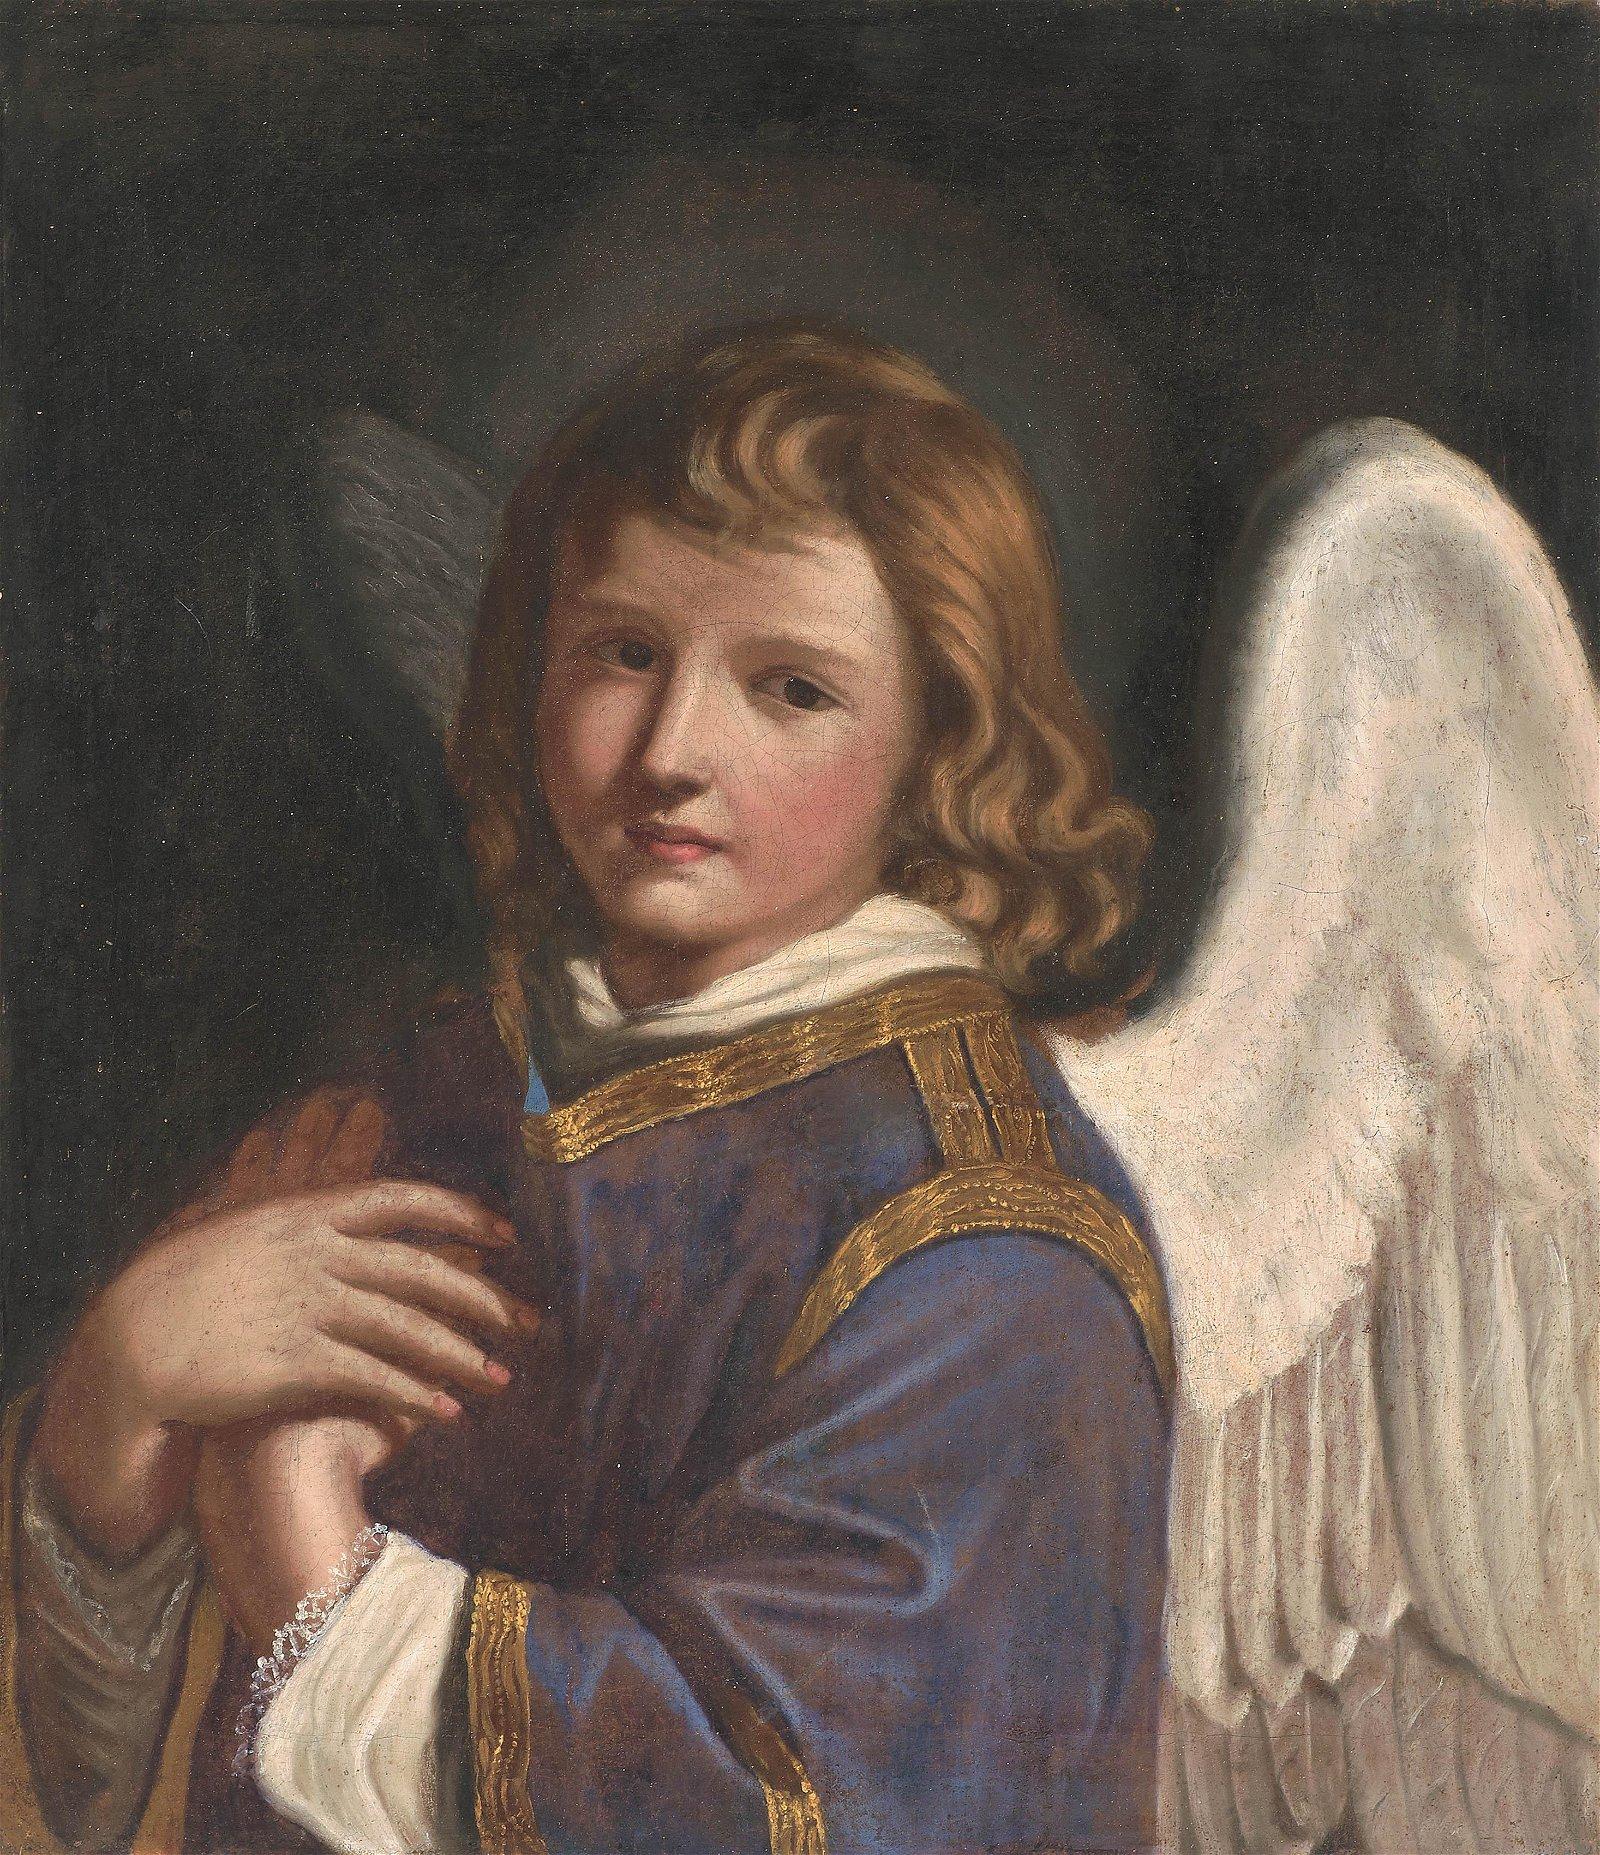 Guercino, Giovanni Francesco Barbieri